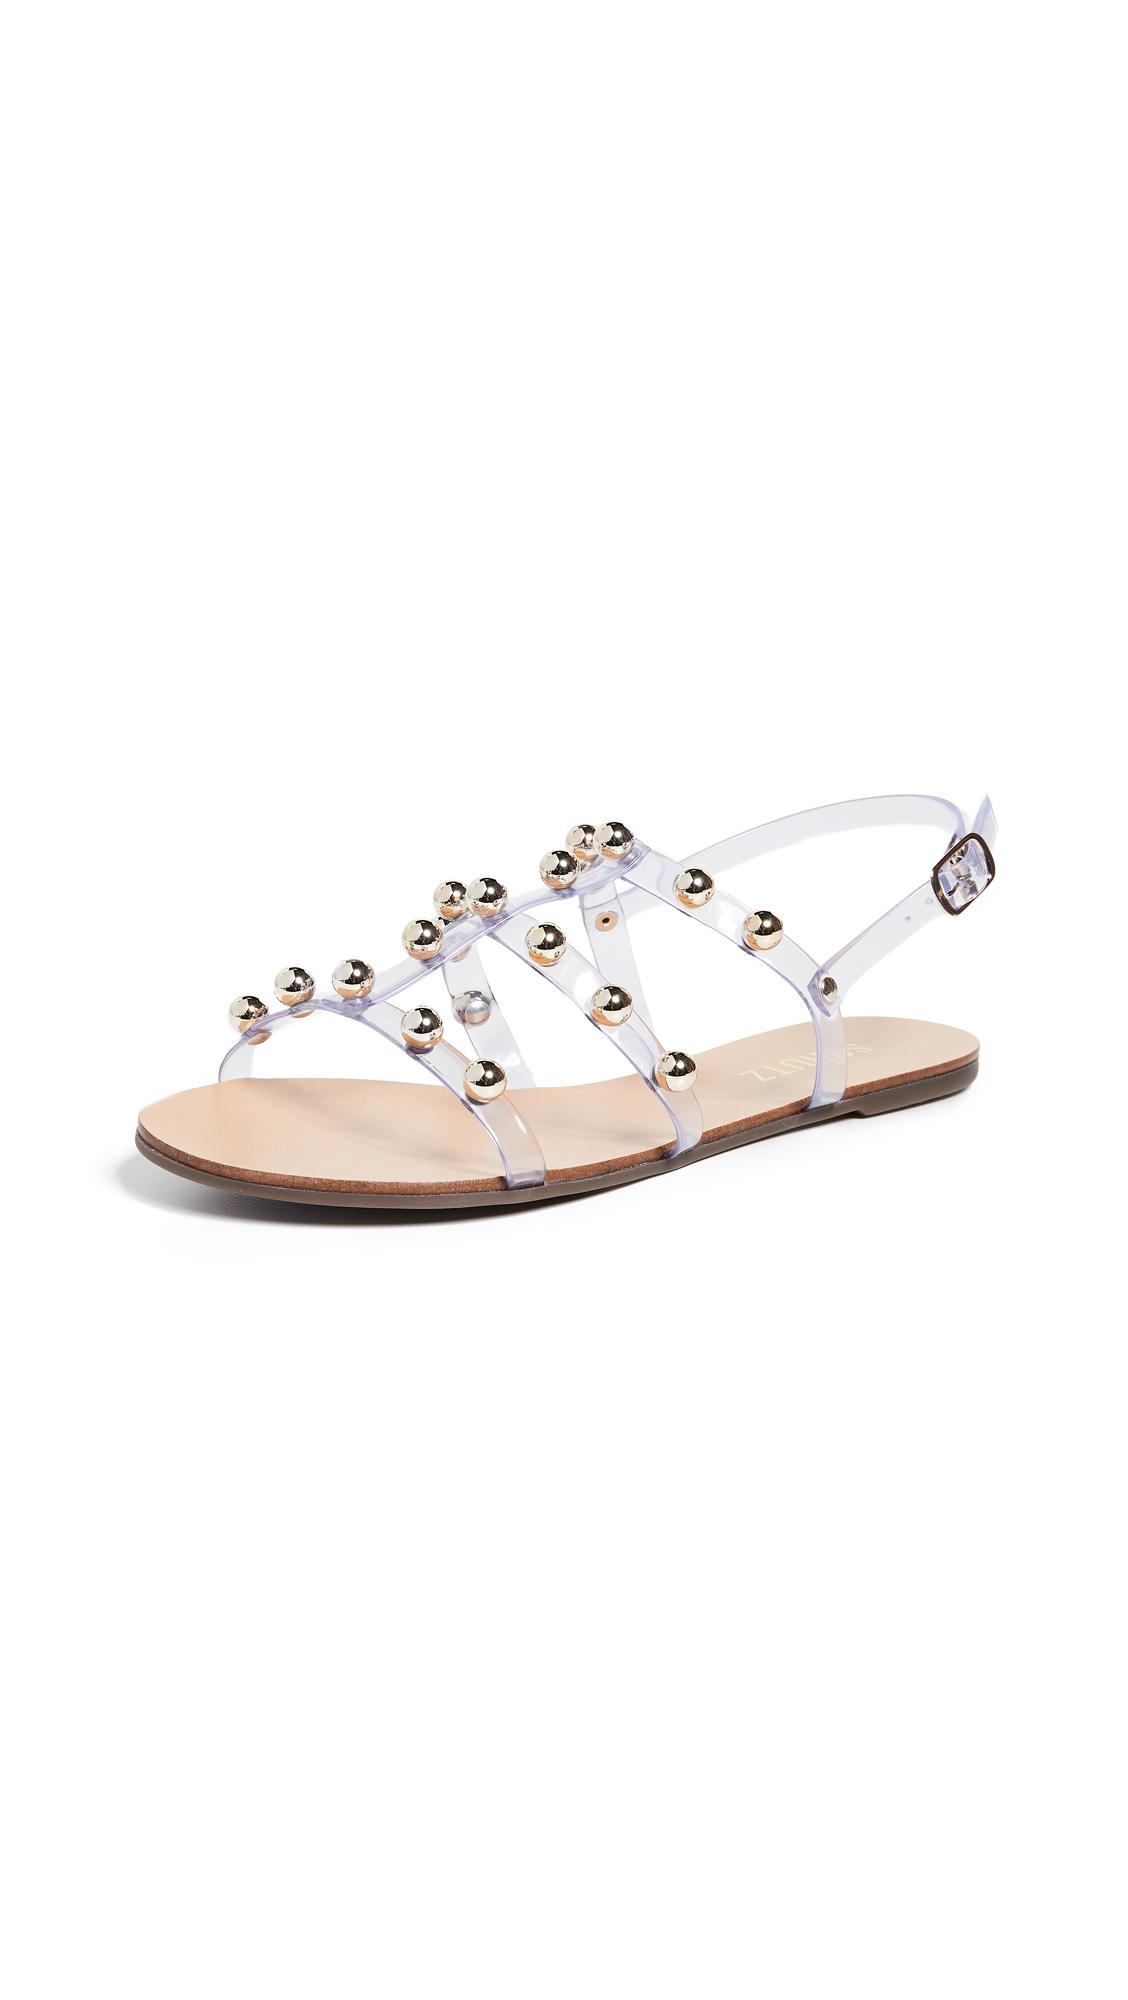 Buy Schutz Yarin Strappy Sandals online, shop Schutz